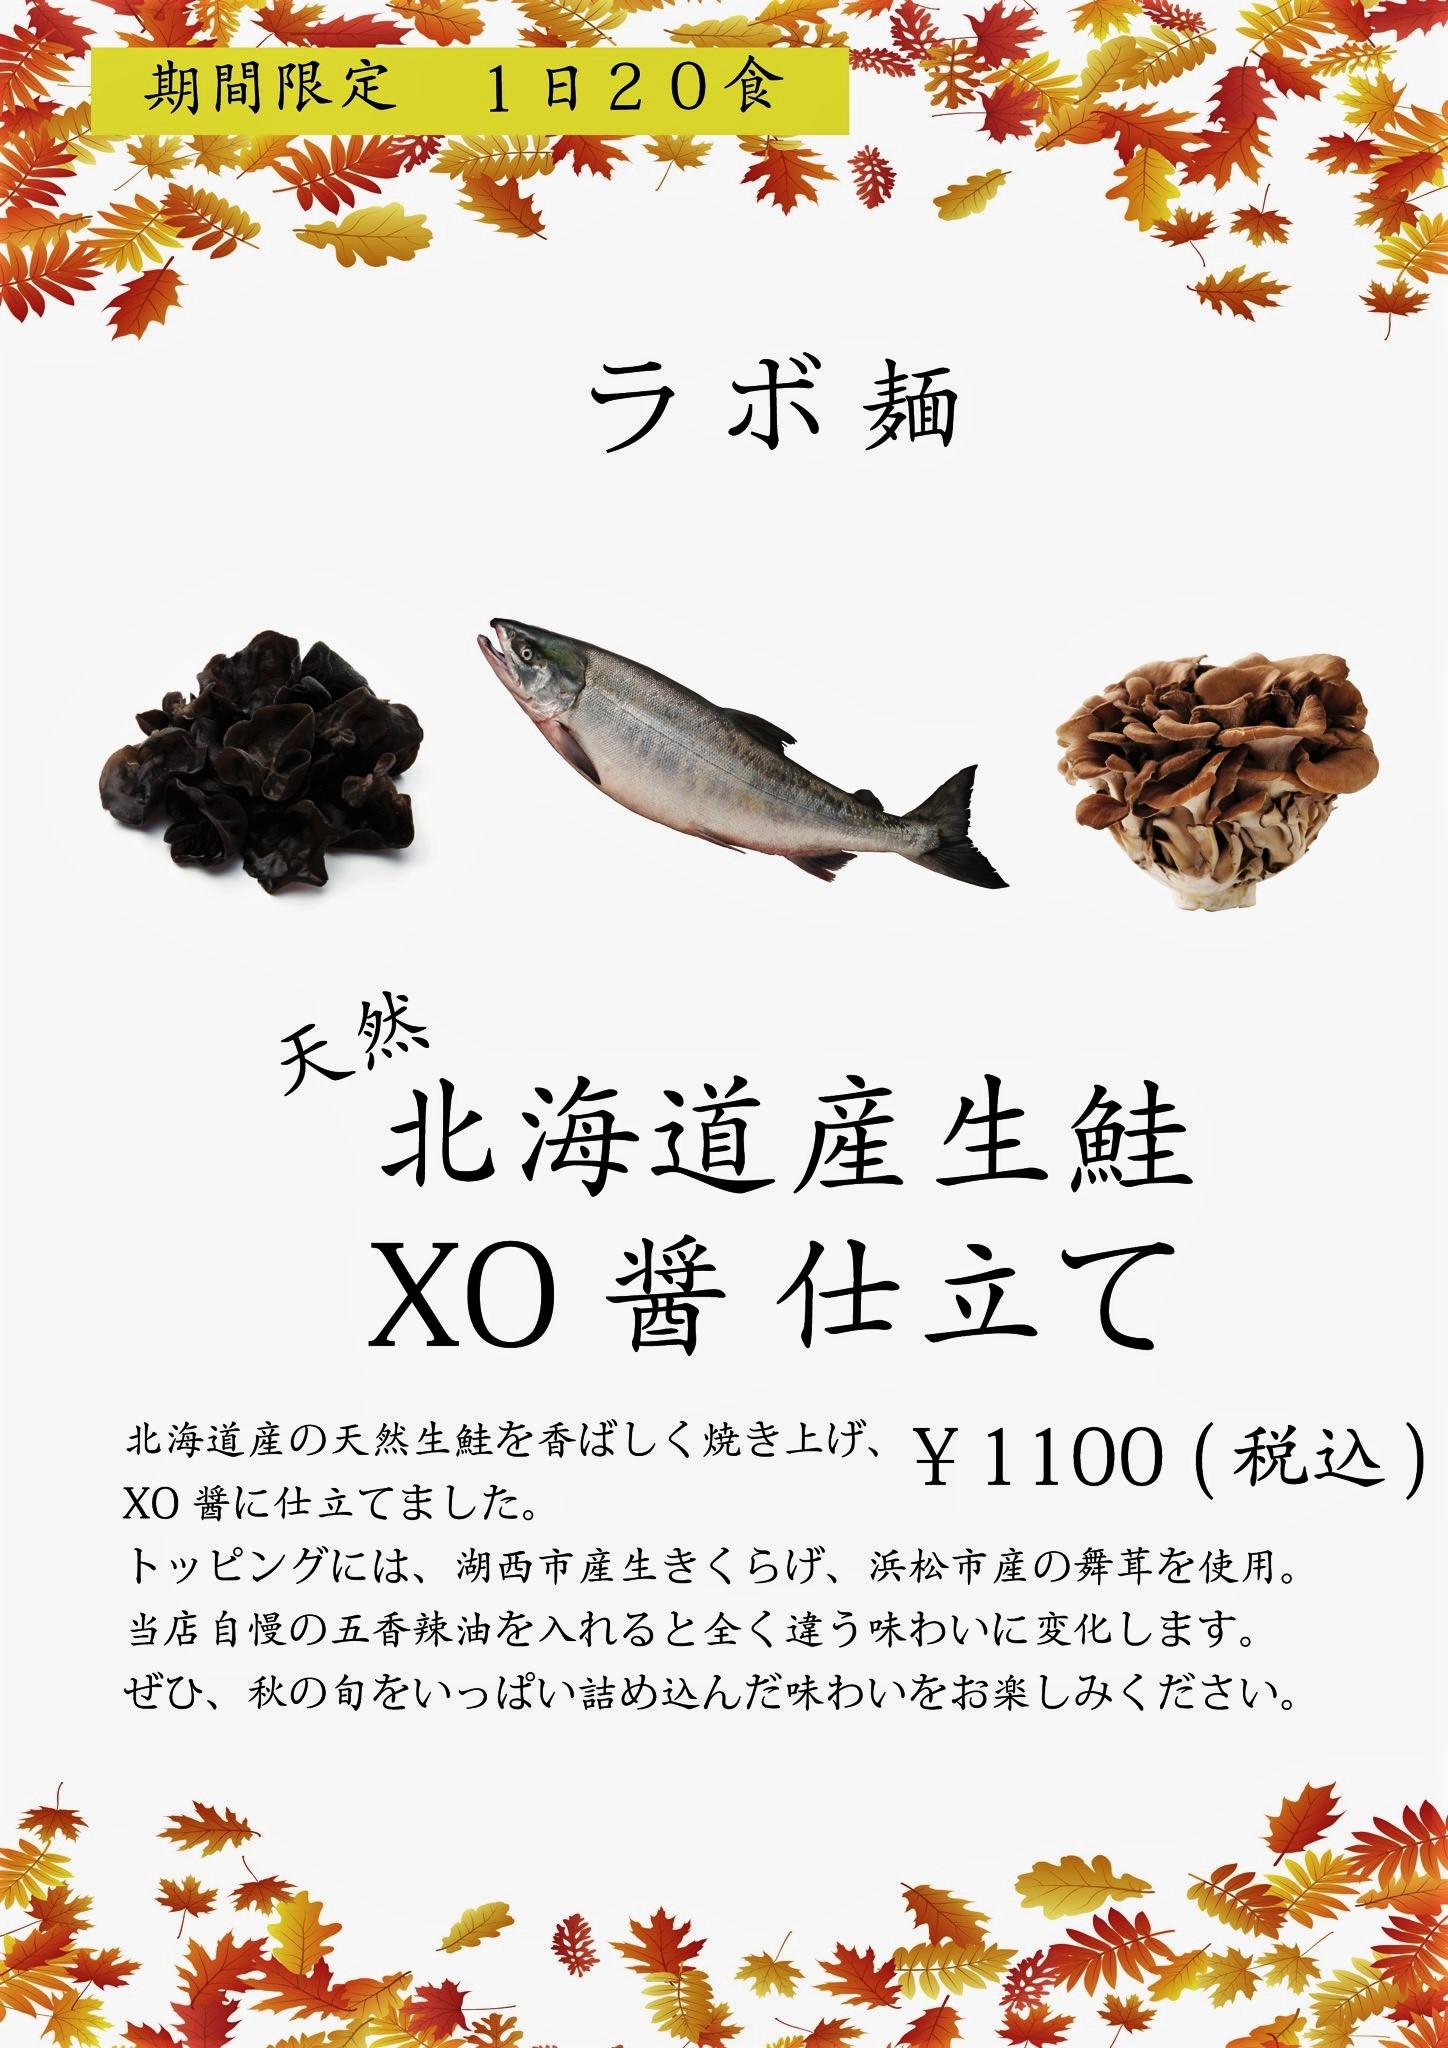 汁なし担々麺っぽい専門店 ラボラトリー「ラボ麺 天然北海道産生鮭XO醤仕立て」の案内